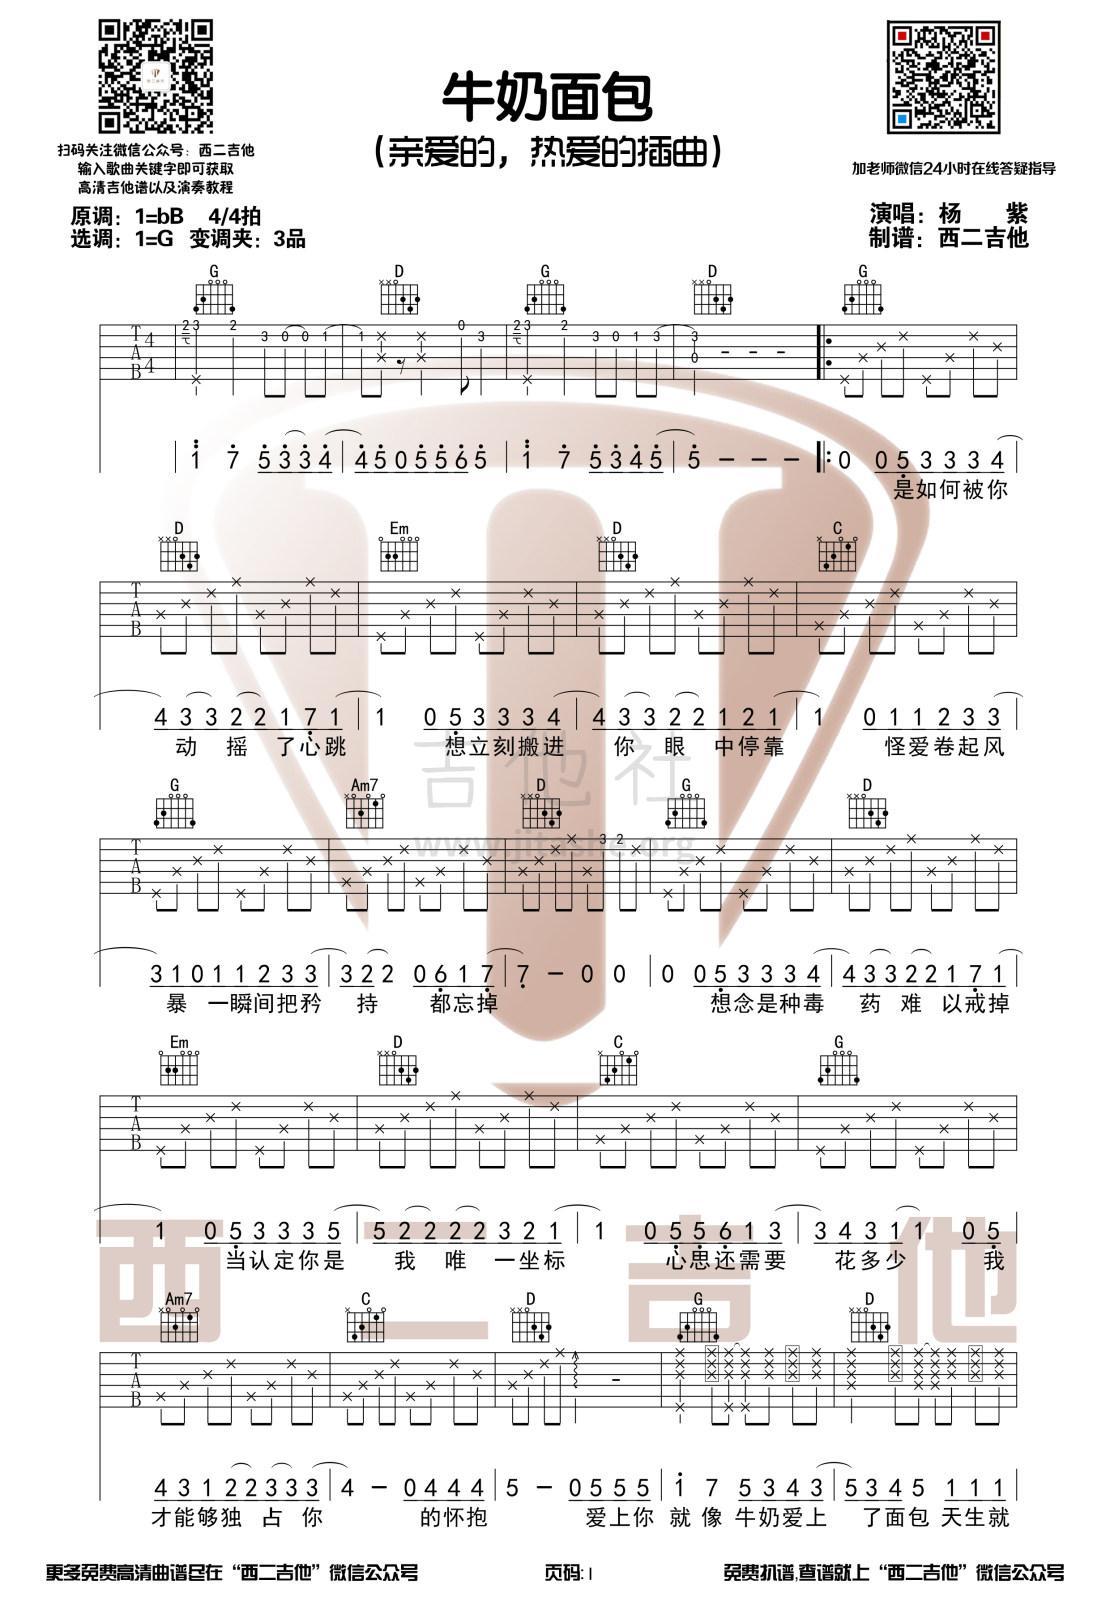 亲爱的热爱的插曲 - 牛奶面包(西二吉他)吉他谱(图片谱,弹唱)_杨紫_牛奶面包1.jpg